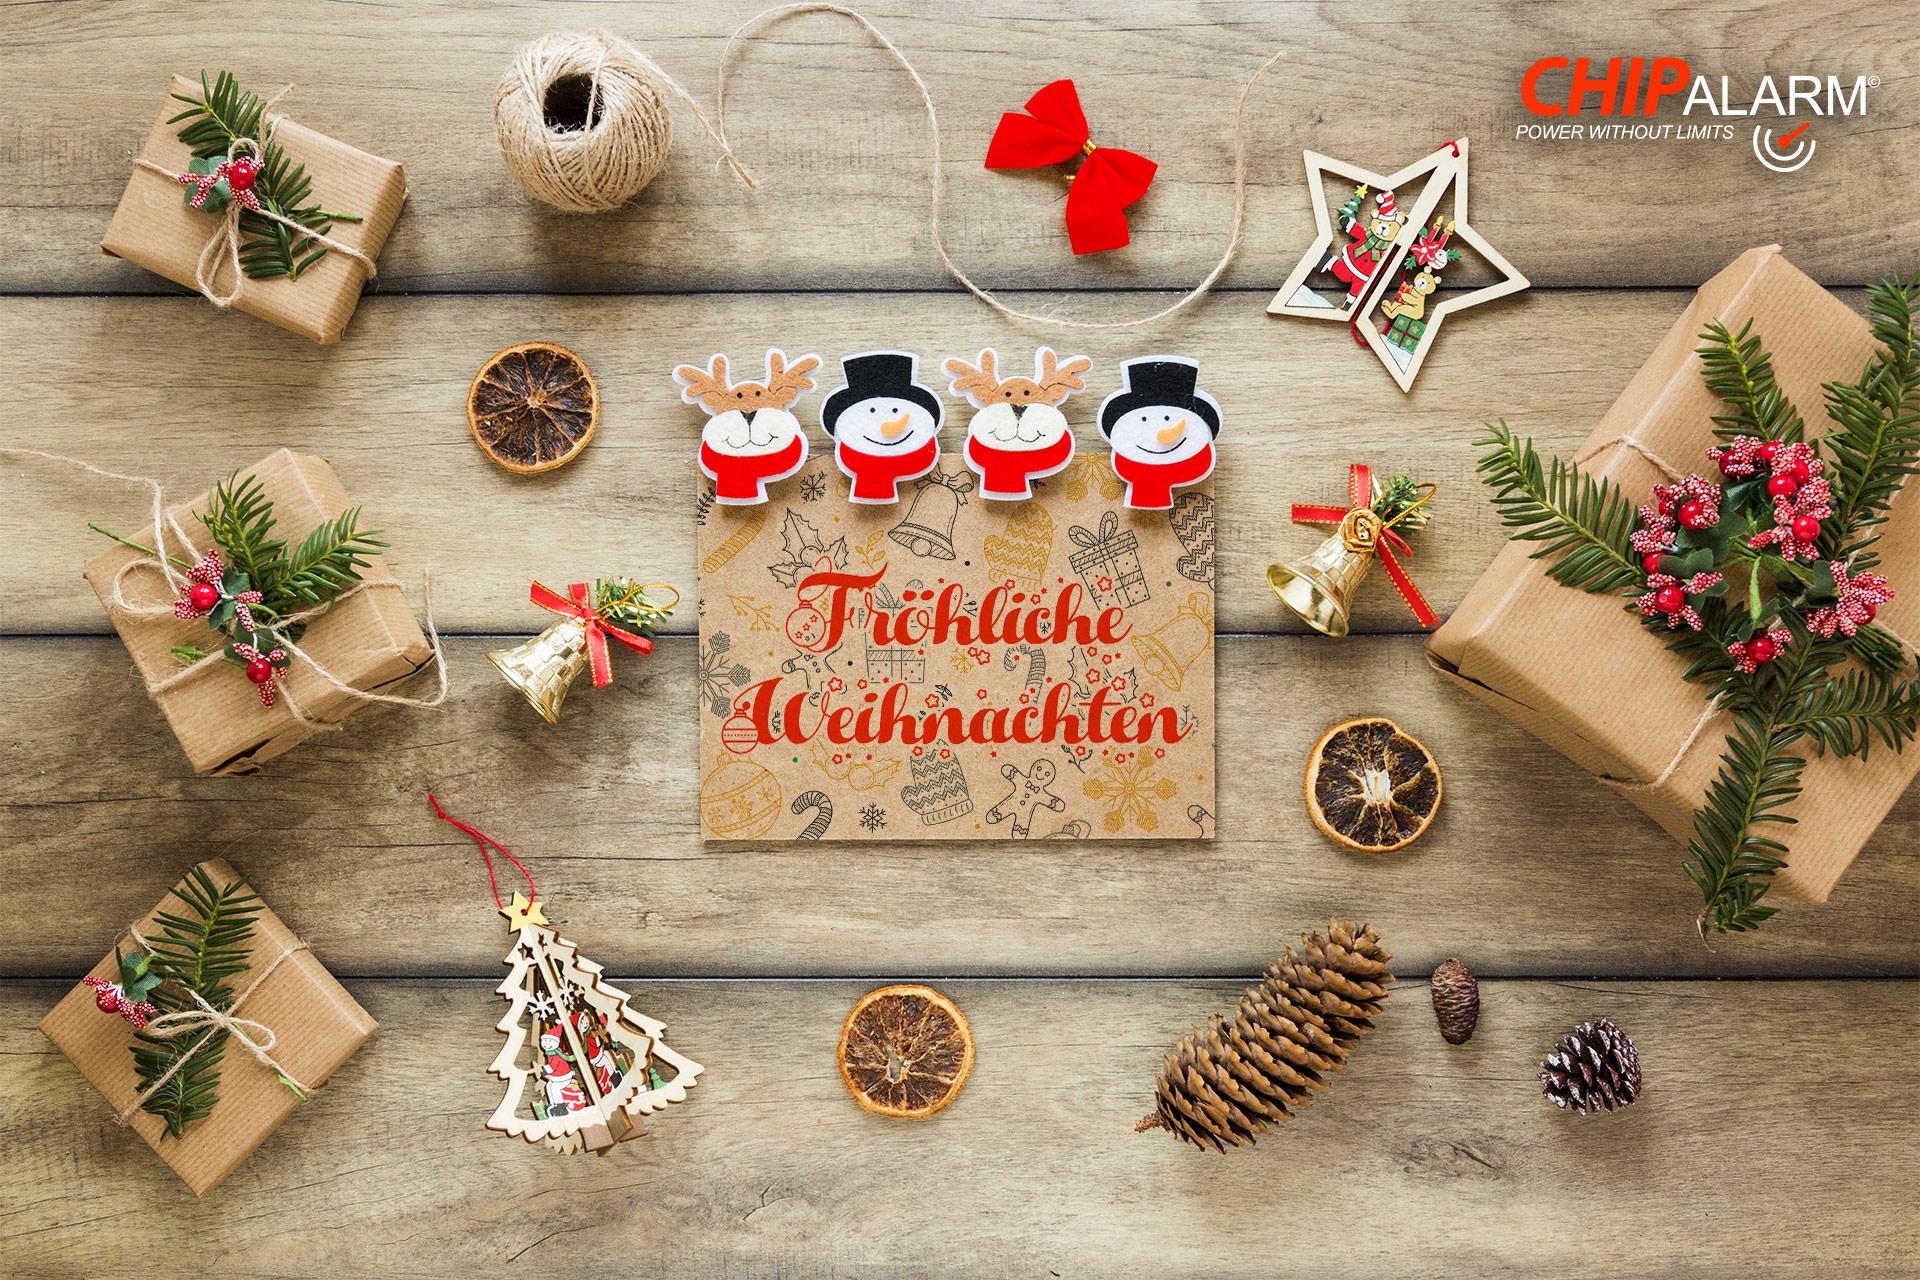 Fröhliche Weihnachten von Chipalarm